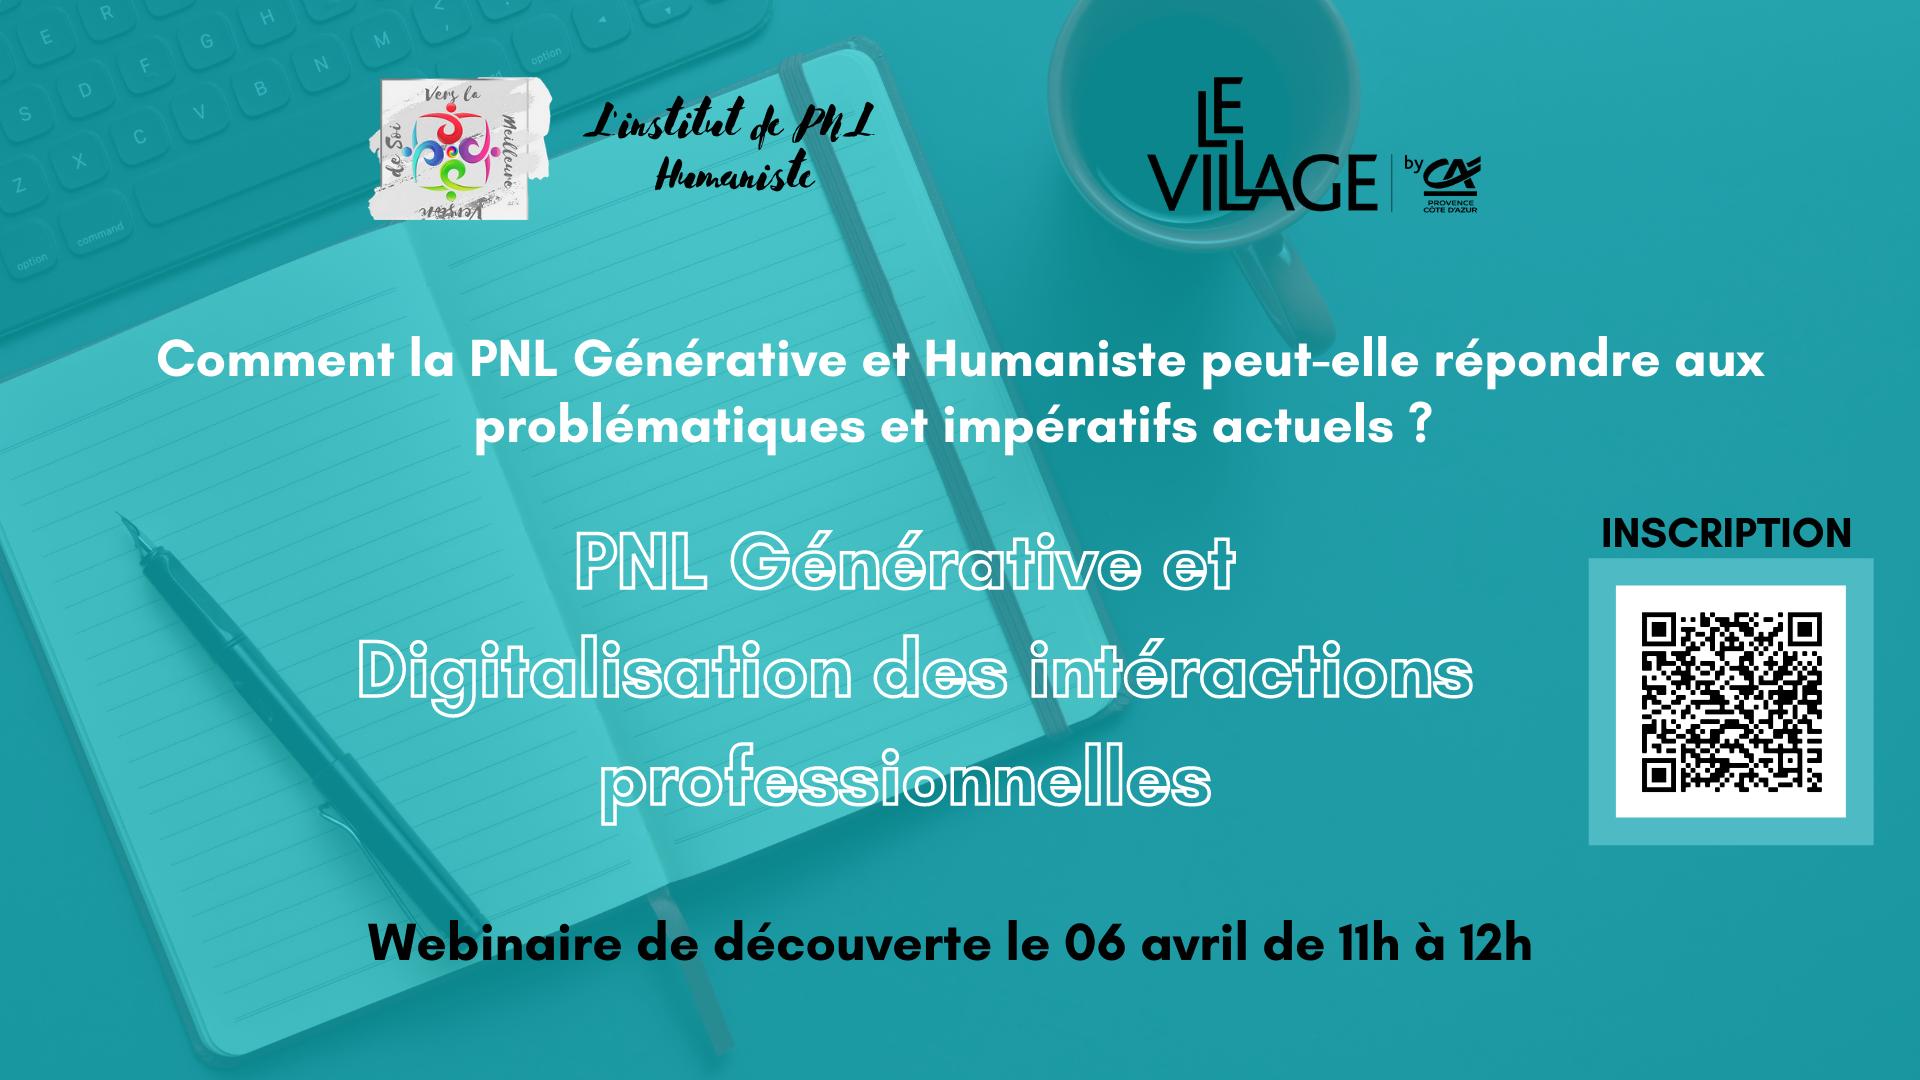 [ECOSYSTEME] Evénement au Village by CA Sophia : webinaire «PNL générative et digitalisation des interactions professionnelles» – Mardi 6 avril à 11h